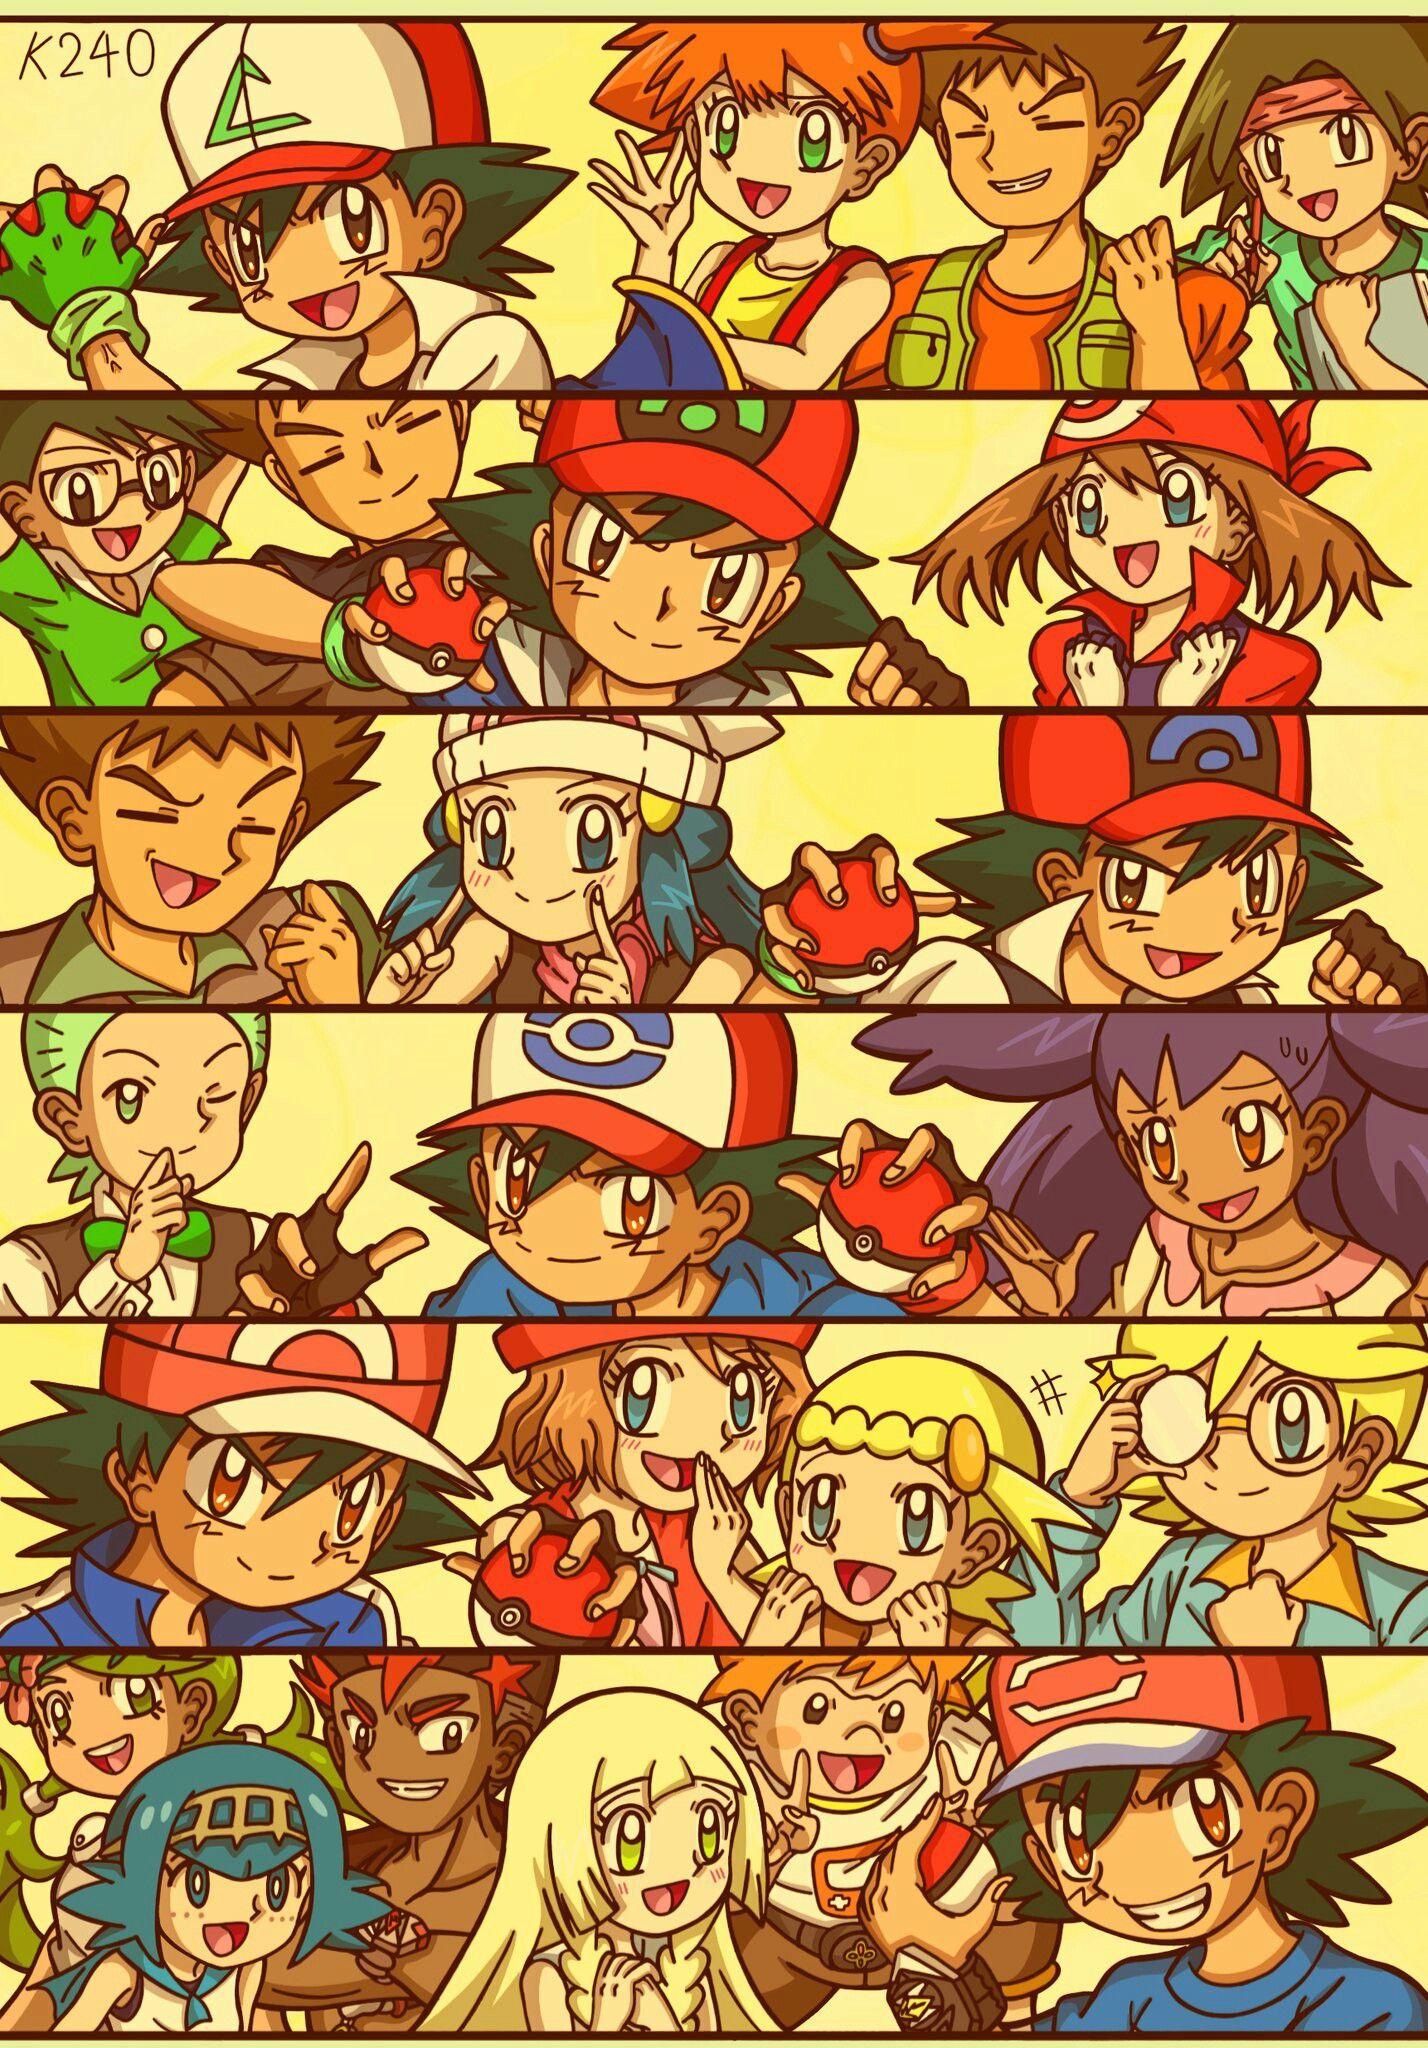 Anime Cast Collection   Pokemon pictures, Pokemon poster, Pokemon alola